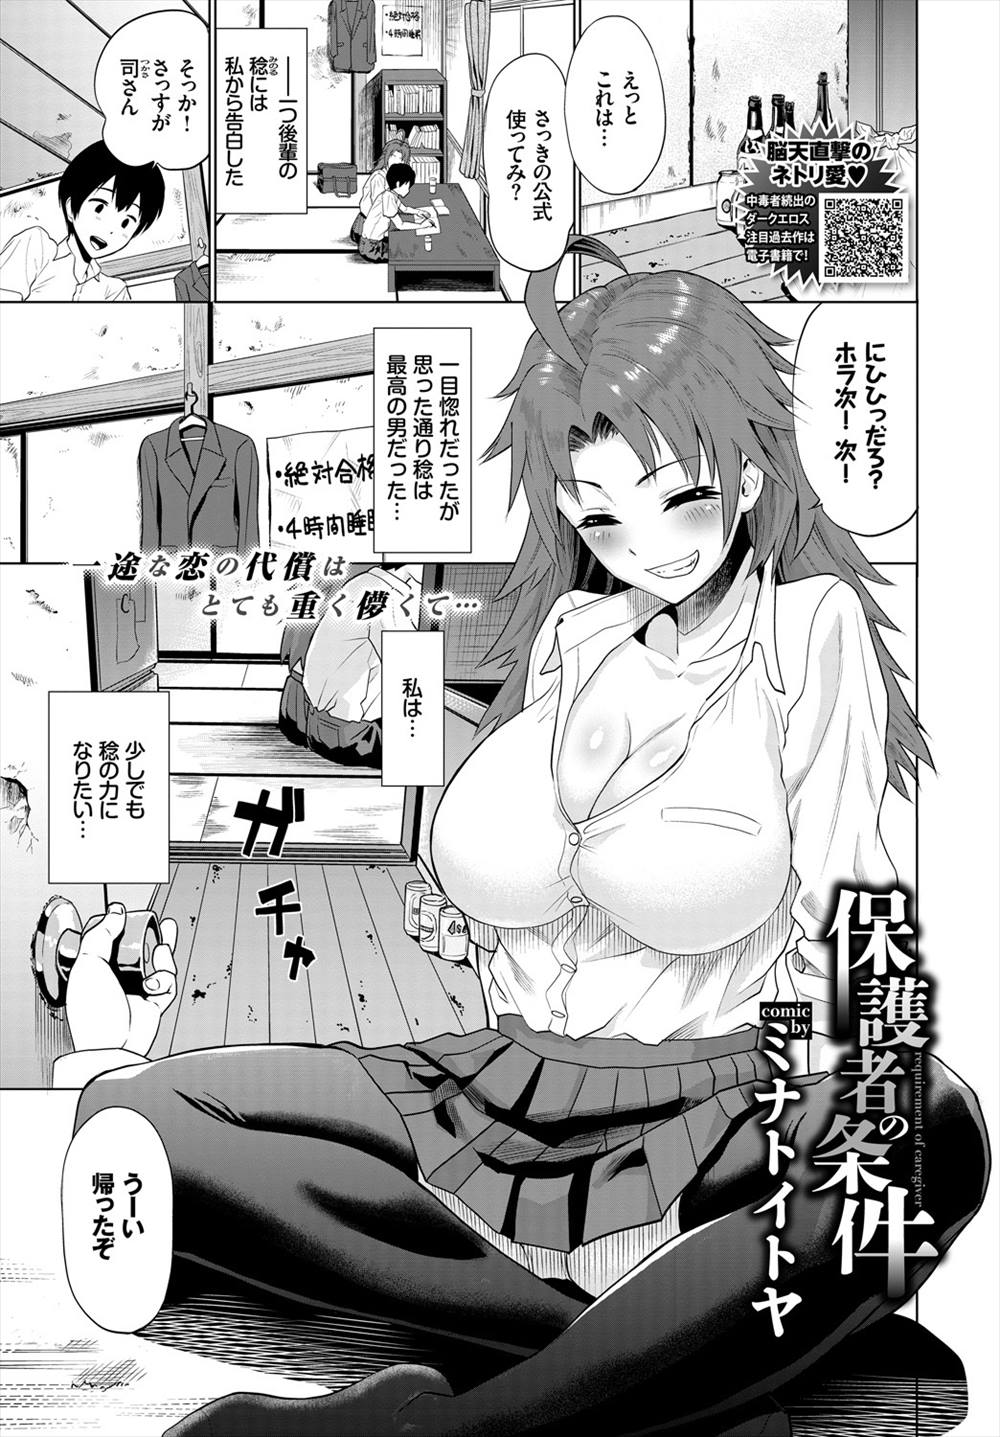 【エロ漫画】彼氏を父親から守る彼女…取引して性欲処理、NTR種付ファックされている…【ミナトイトヤ:保護者の条件】